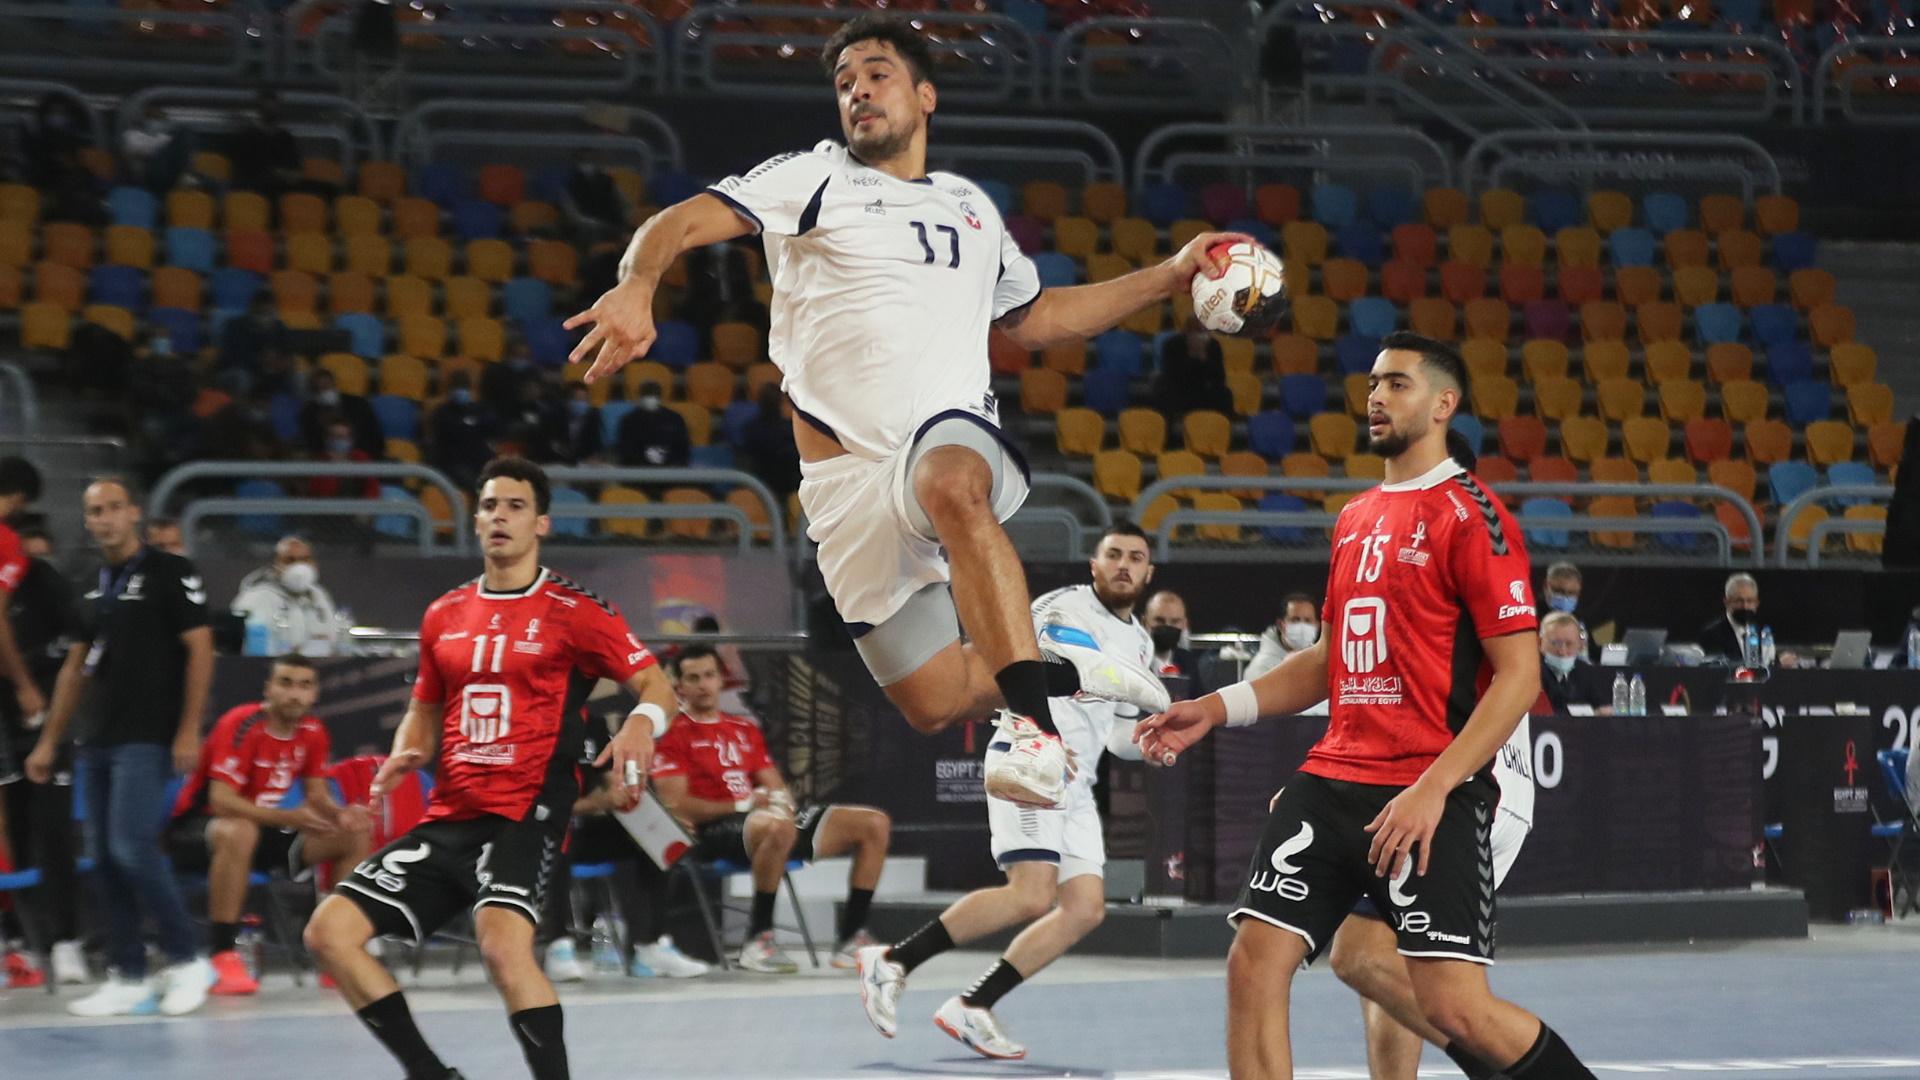 Campeonato del Mundo masculino: Egipto - Chile